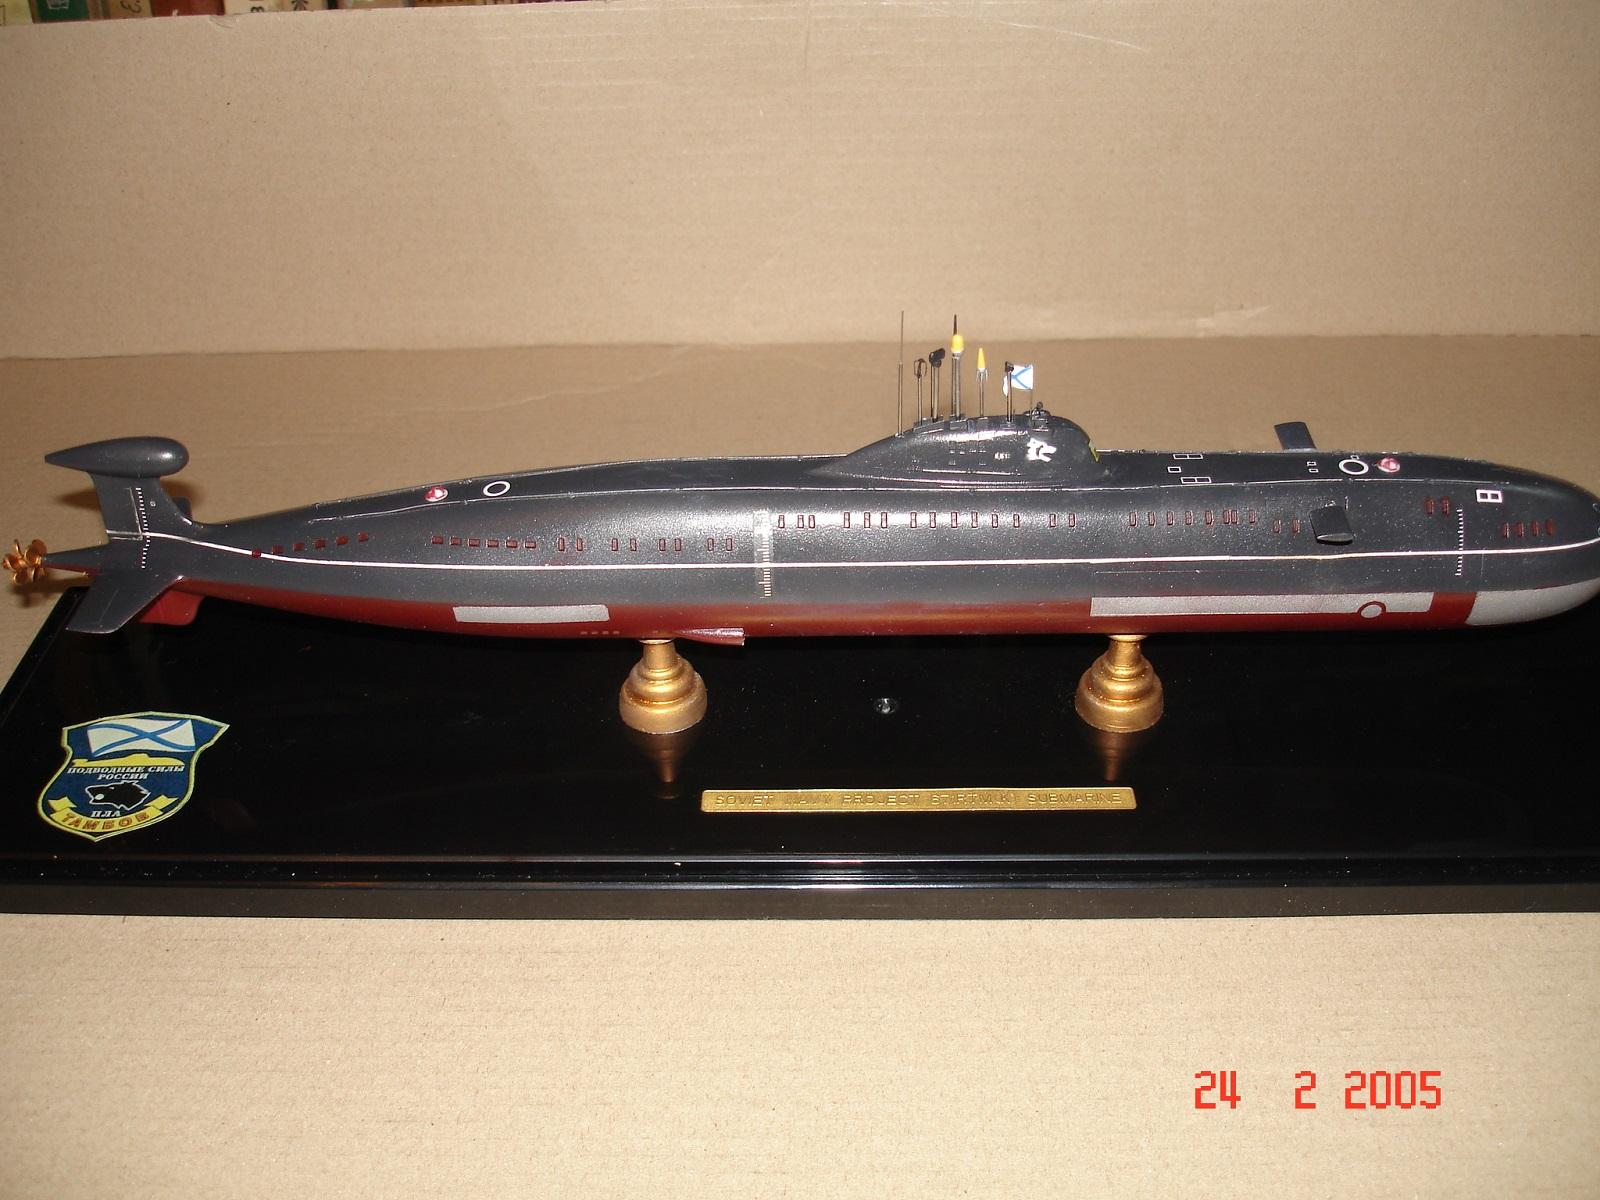 из чего сделана подводная лодка